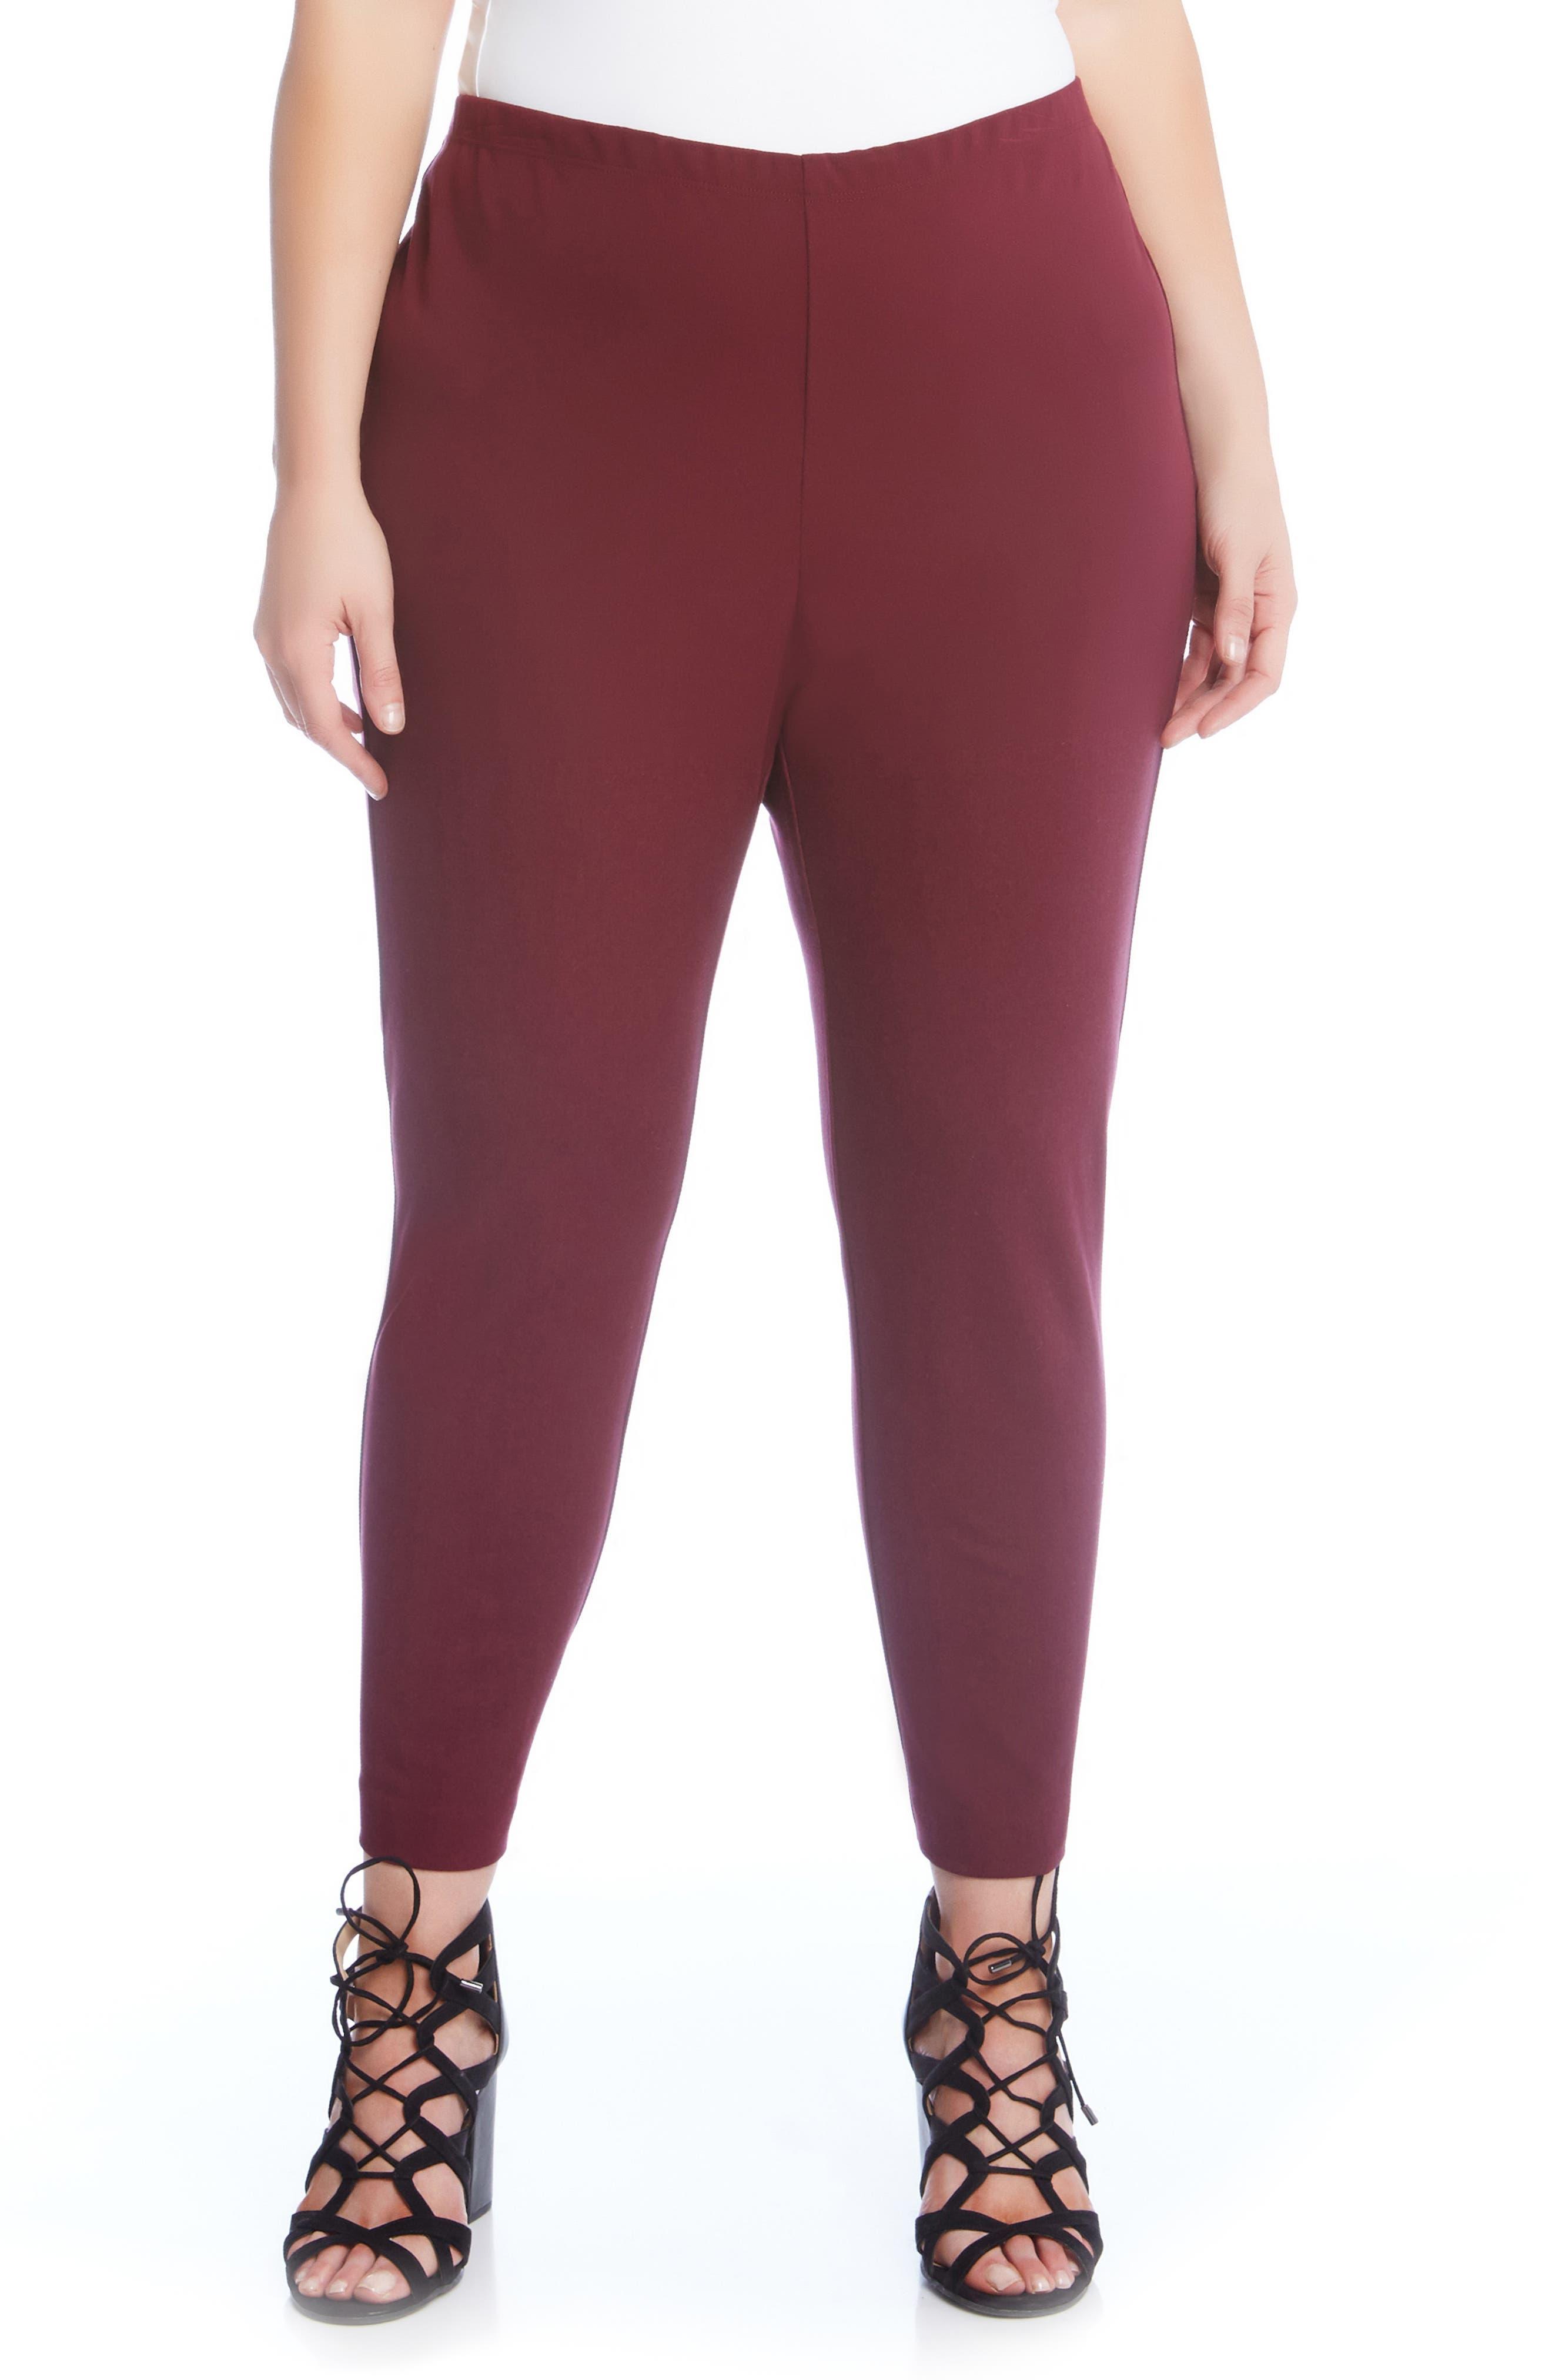 Main Image - Karen Kane Piper High-Waist Pants (Plus Size)